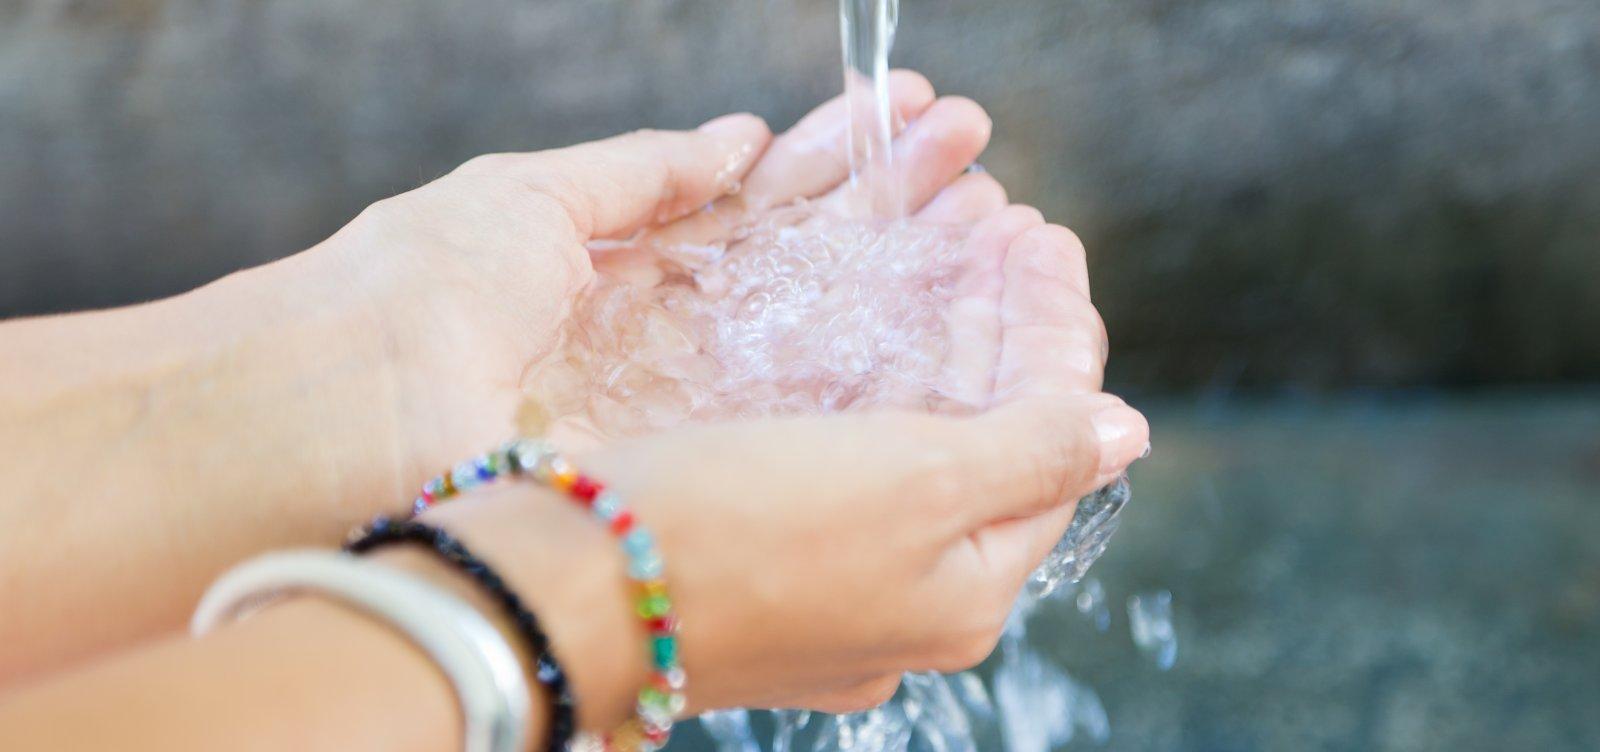 [Desafio Coronavírus: Brasil tem 31,3 milhões sem água encanada e 11,6 milhões em casas cheia]